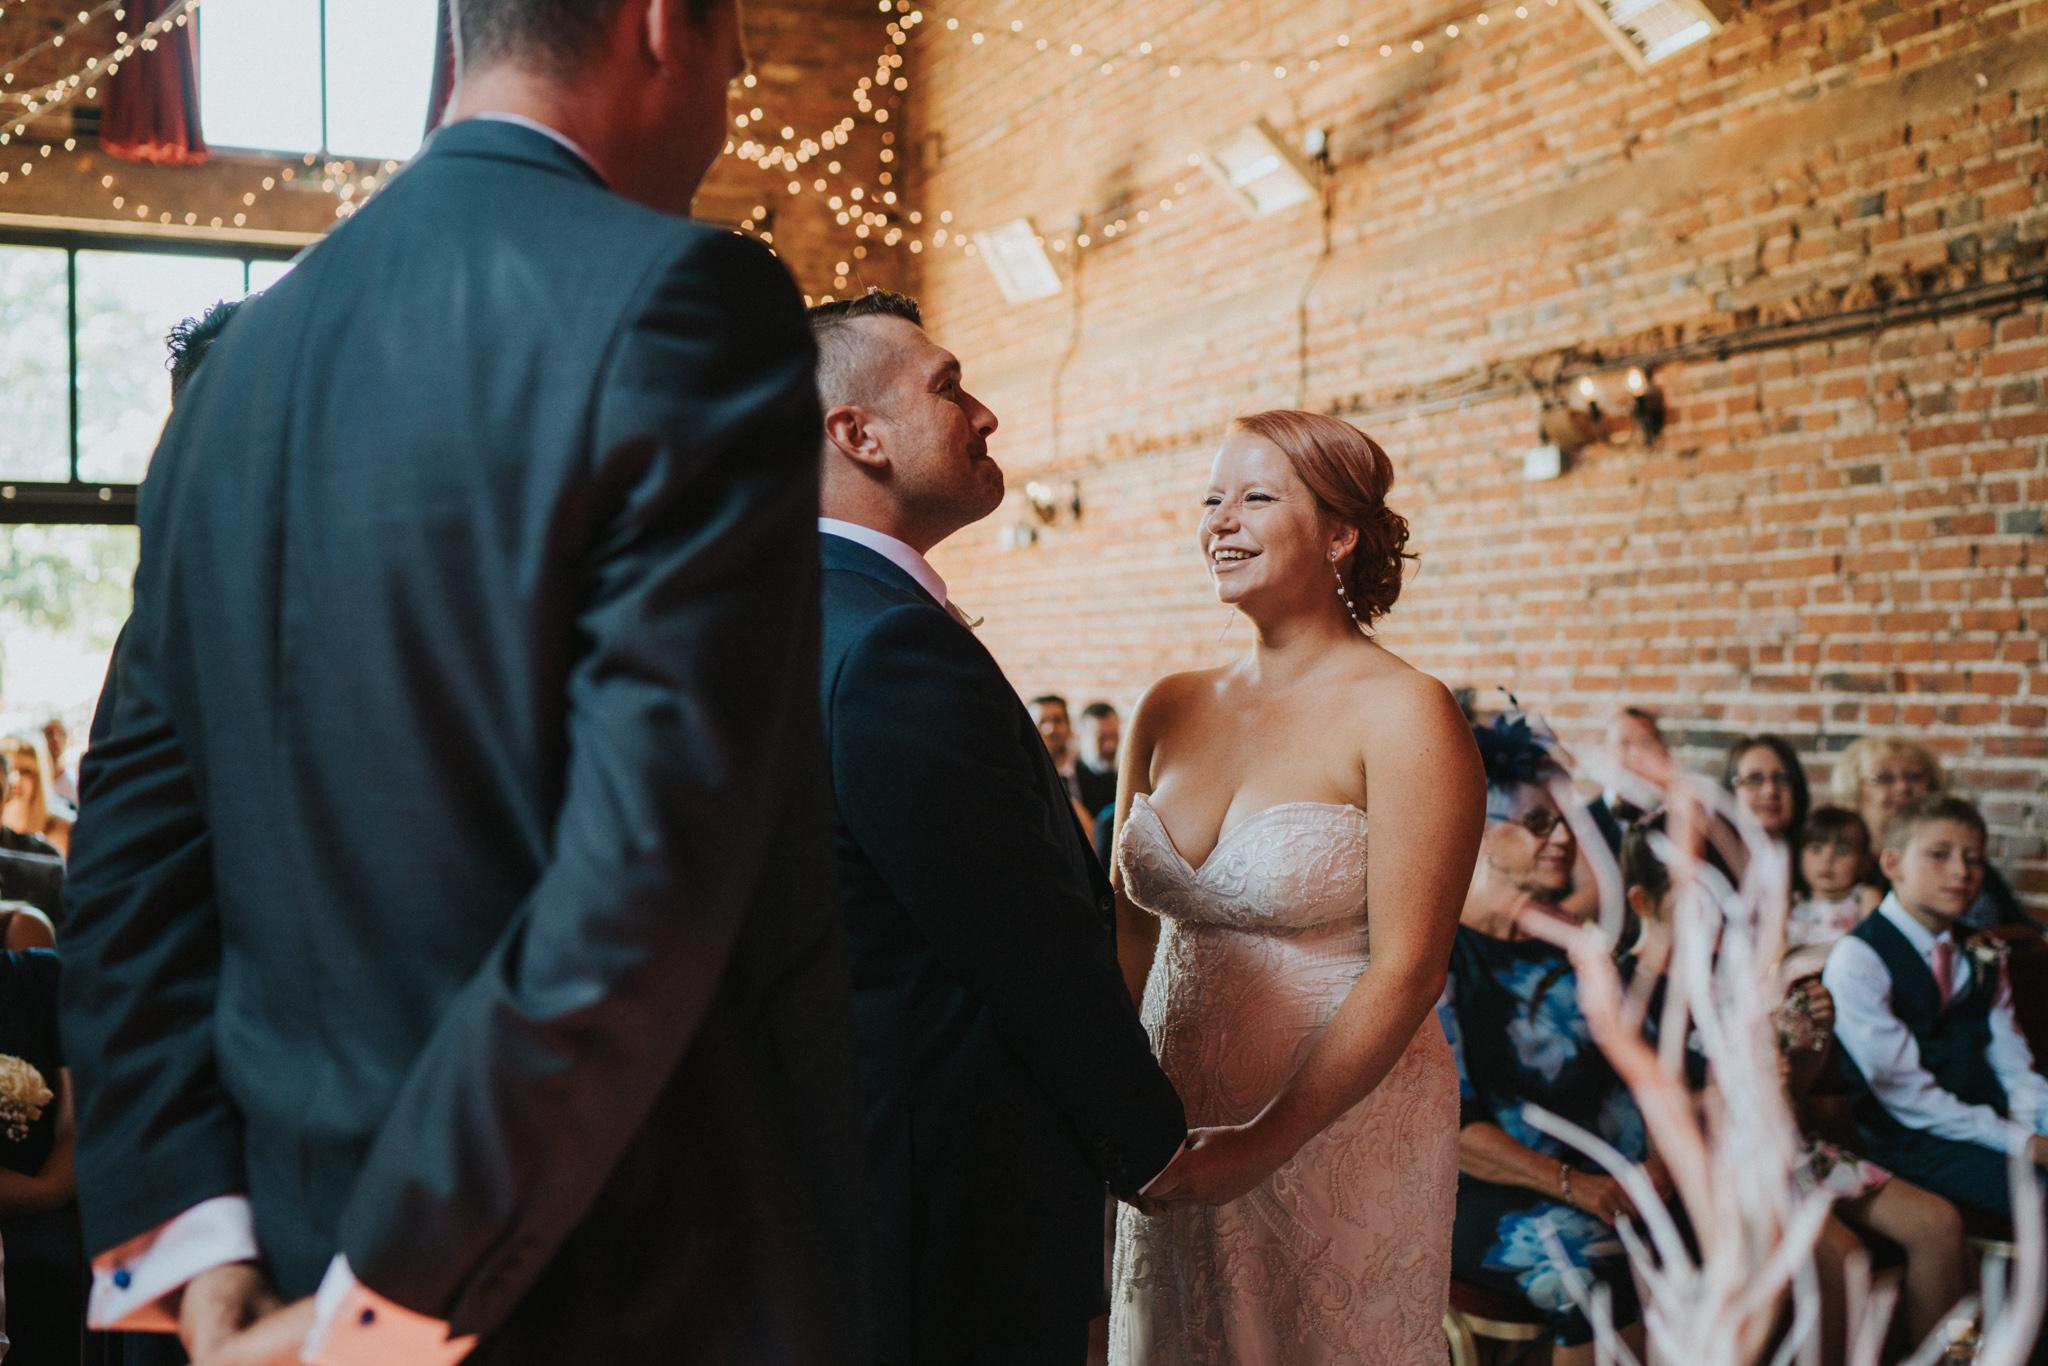 steph-neil-red-brick-barn-rochford-wedding-grace-elizabeth-colchester-essex-alternative-wedding-photographer-essex-suffolk-norfolk-devon (14 of 43).jpg